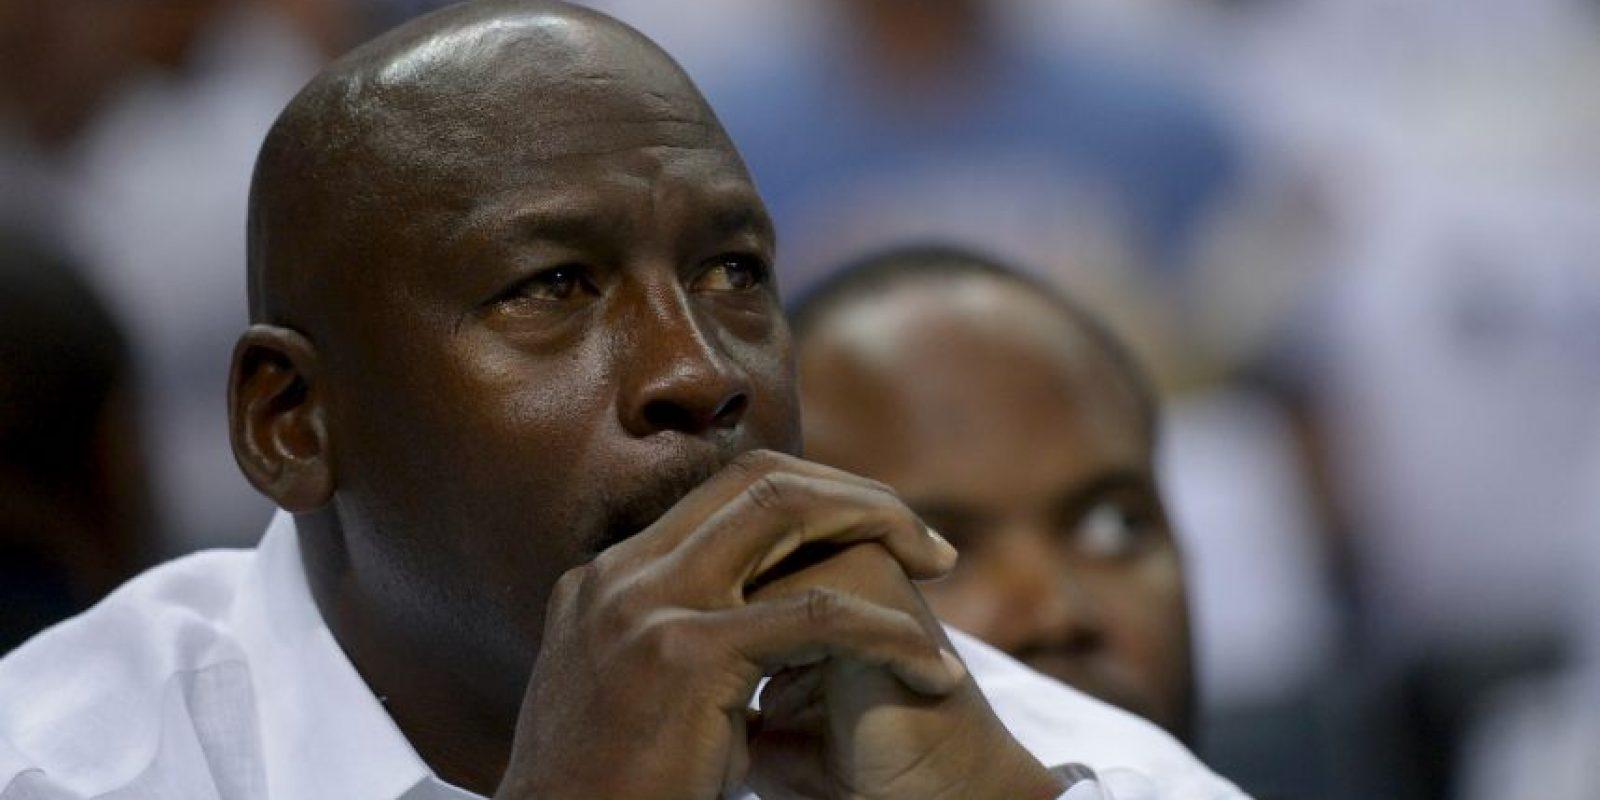 El padre de MJ fue asesinado en 1993 Foto:Getty Images